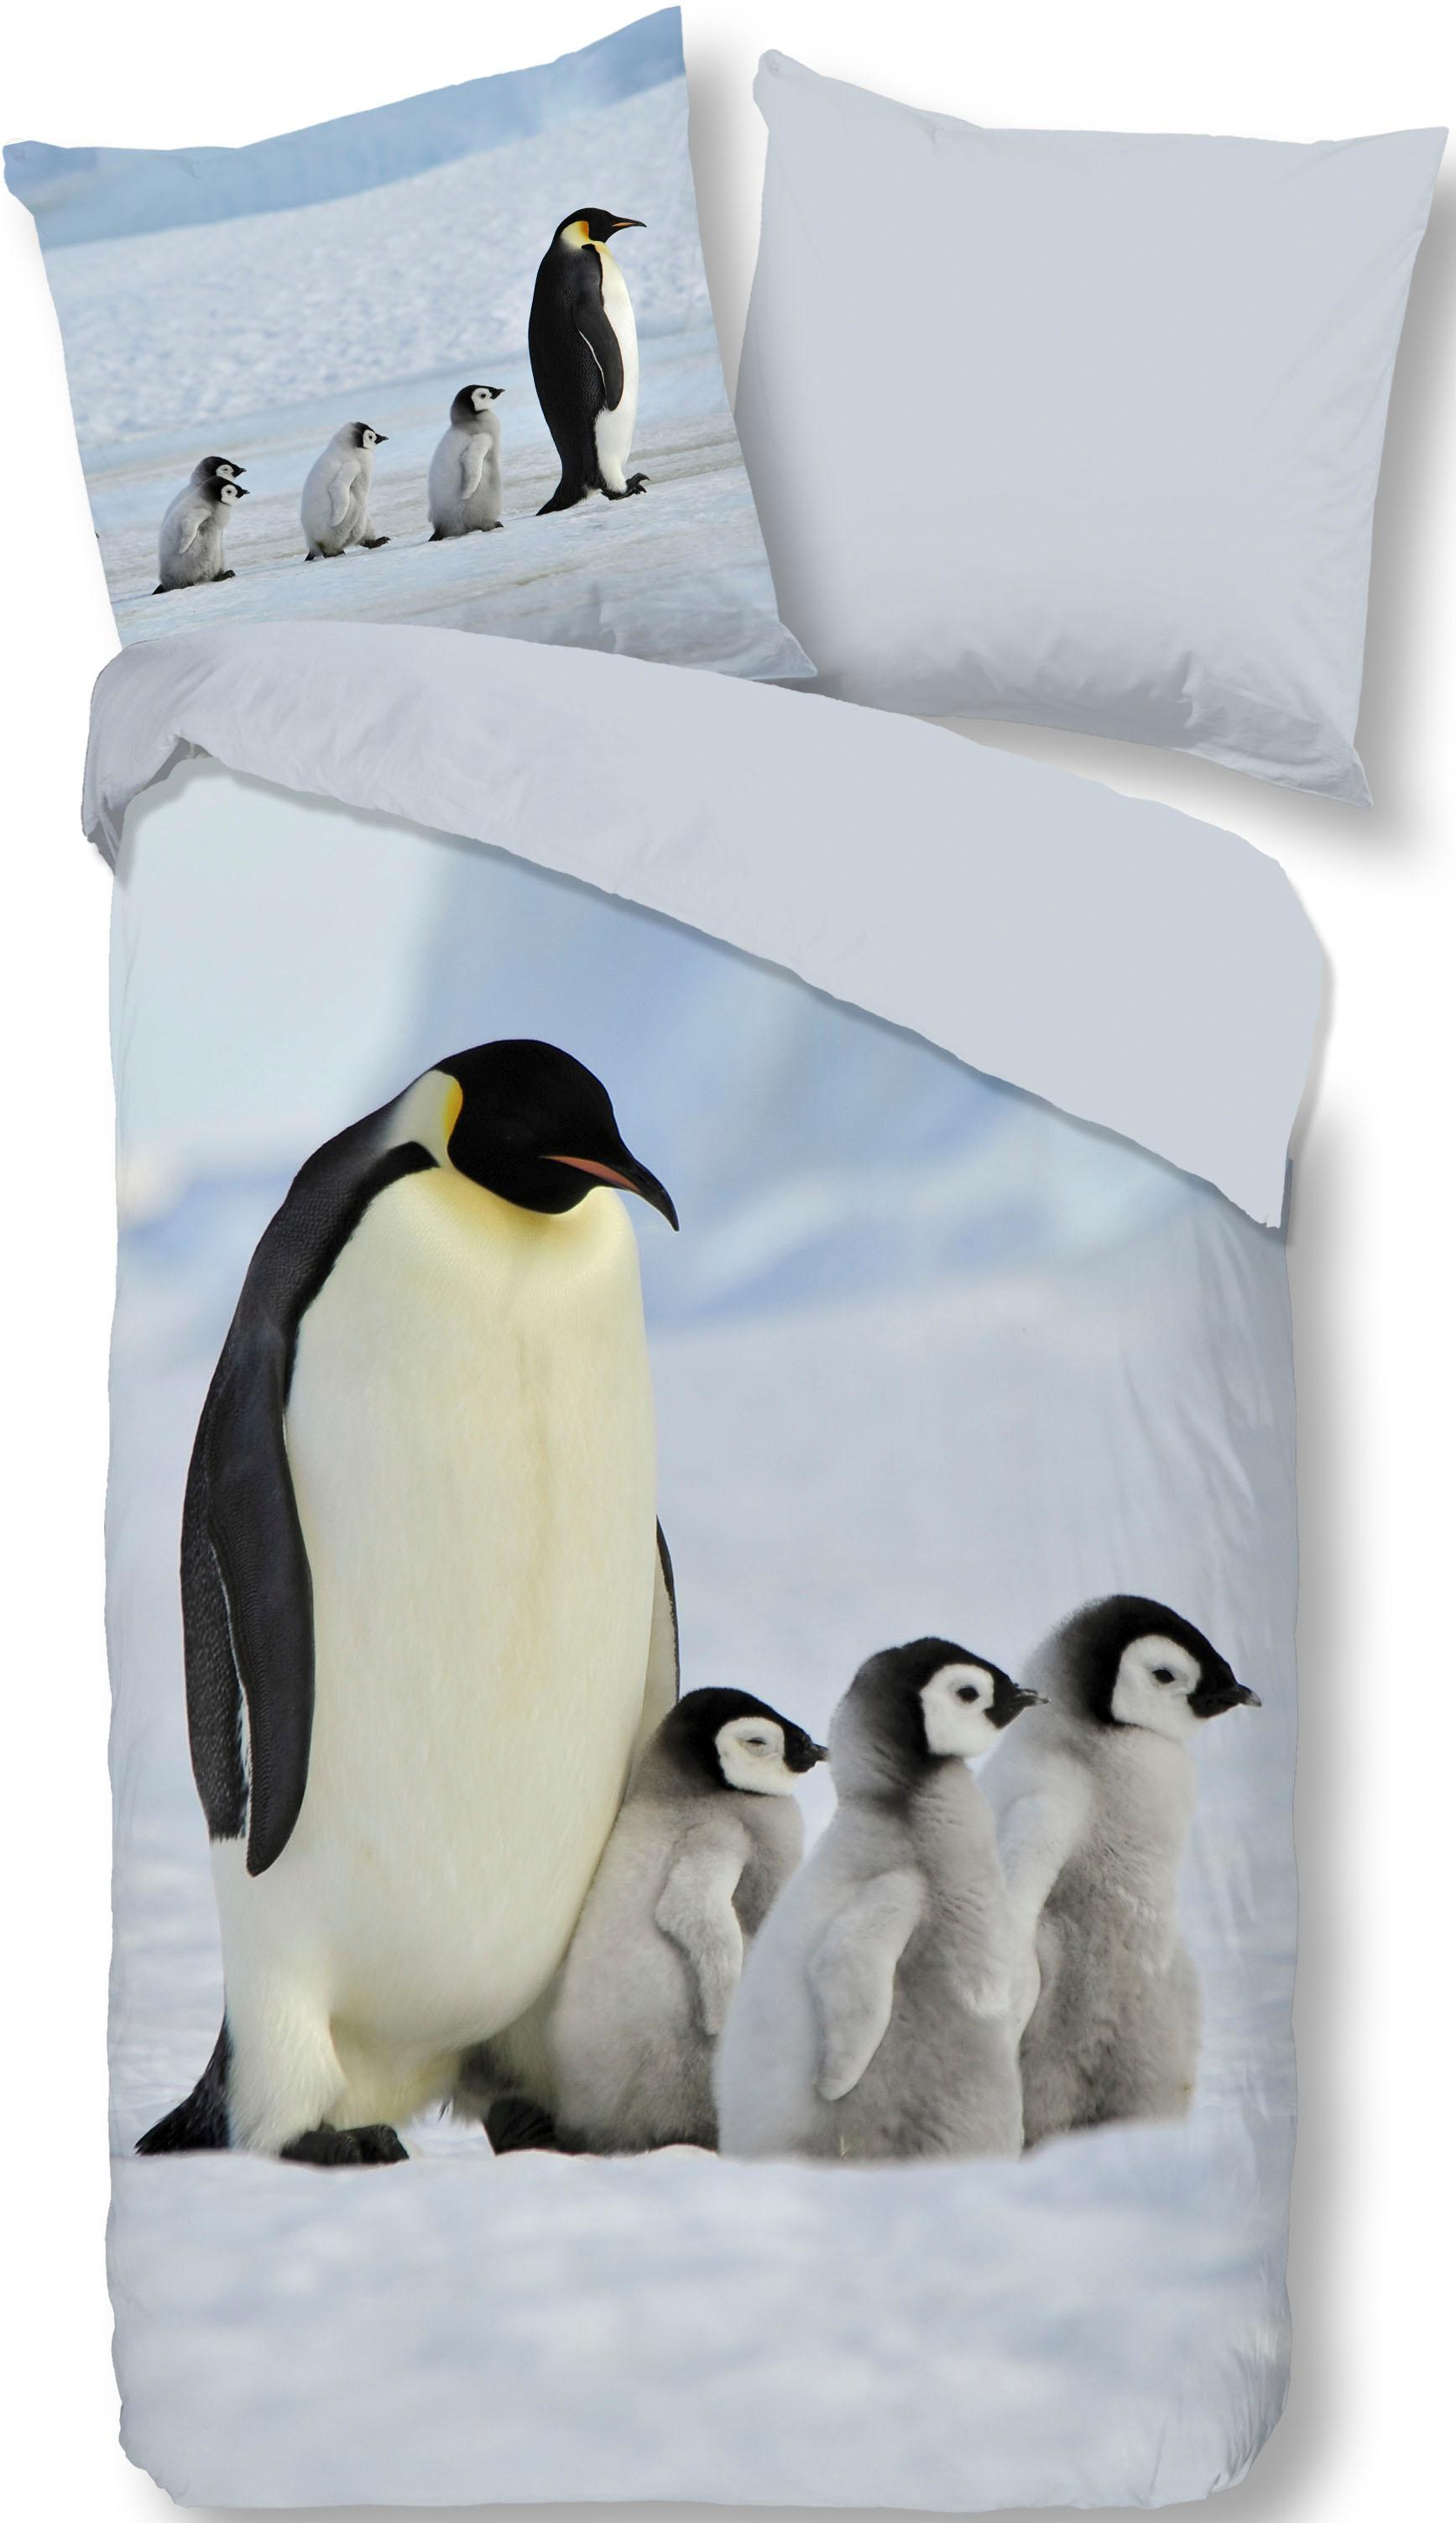 Wendebettwäsche Pinguins good morning